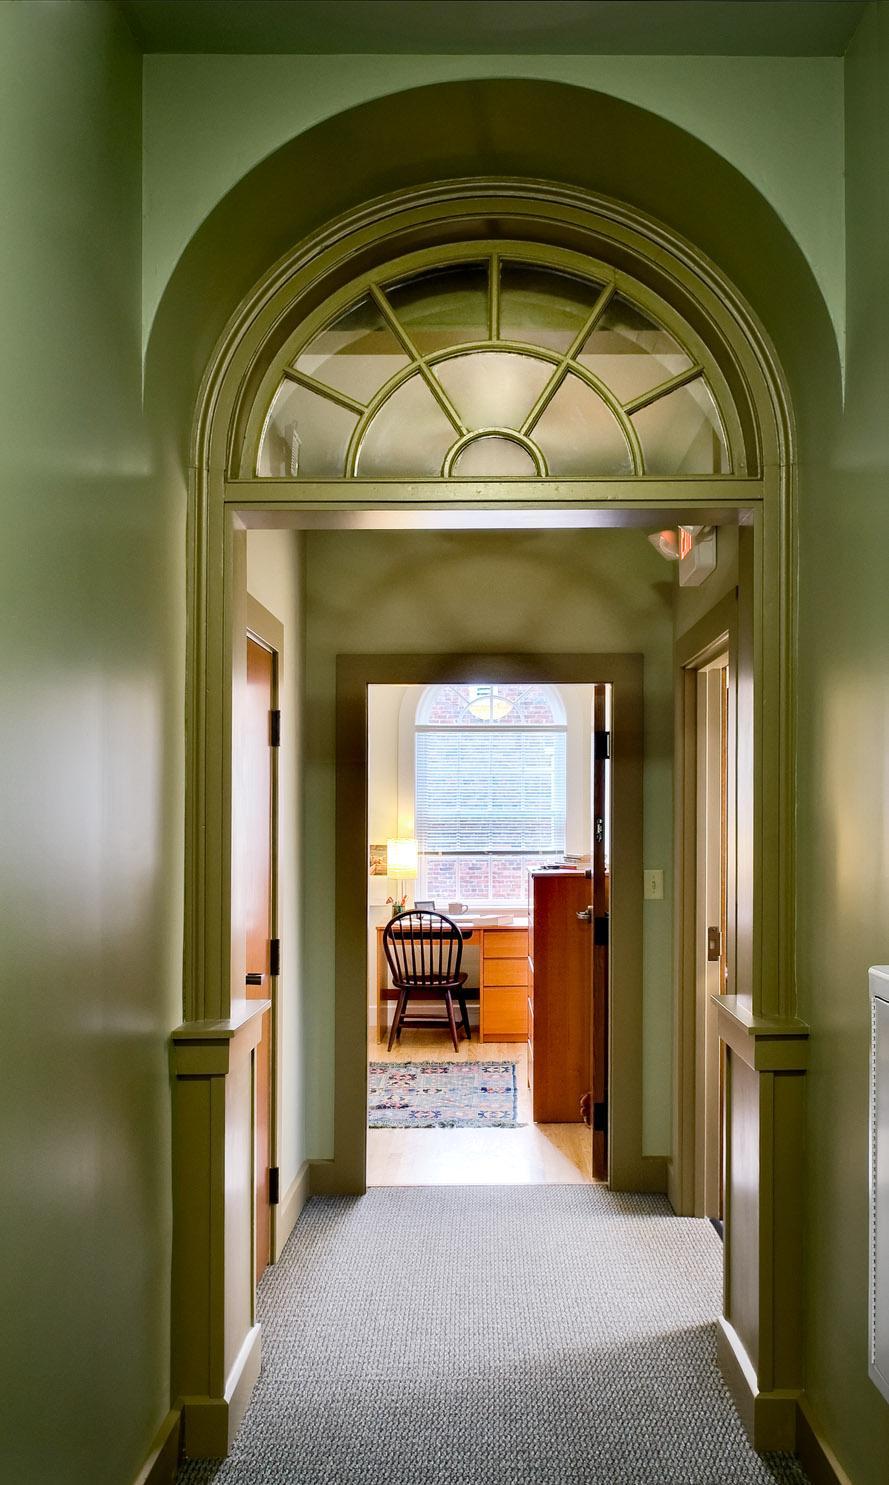 Дизайн коридора с аркой зеленой